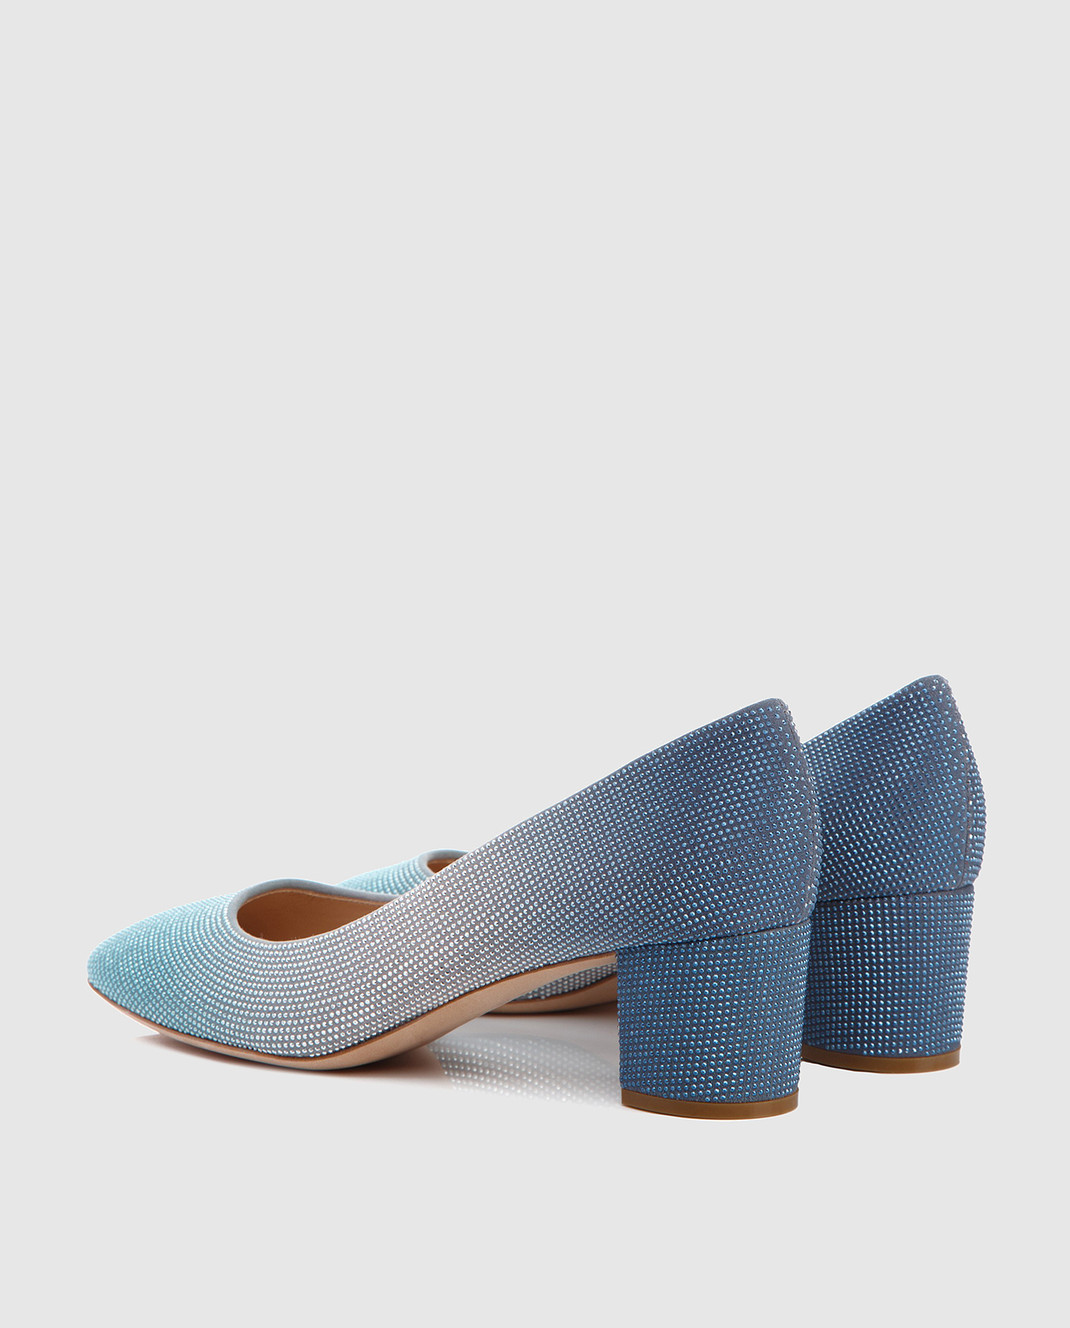 Casadei Синие кожаные туфли 1F380D050LULU изображение 4